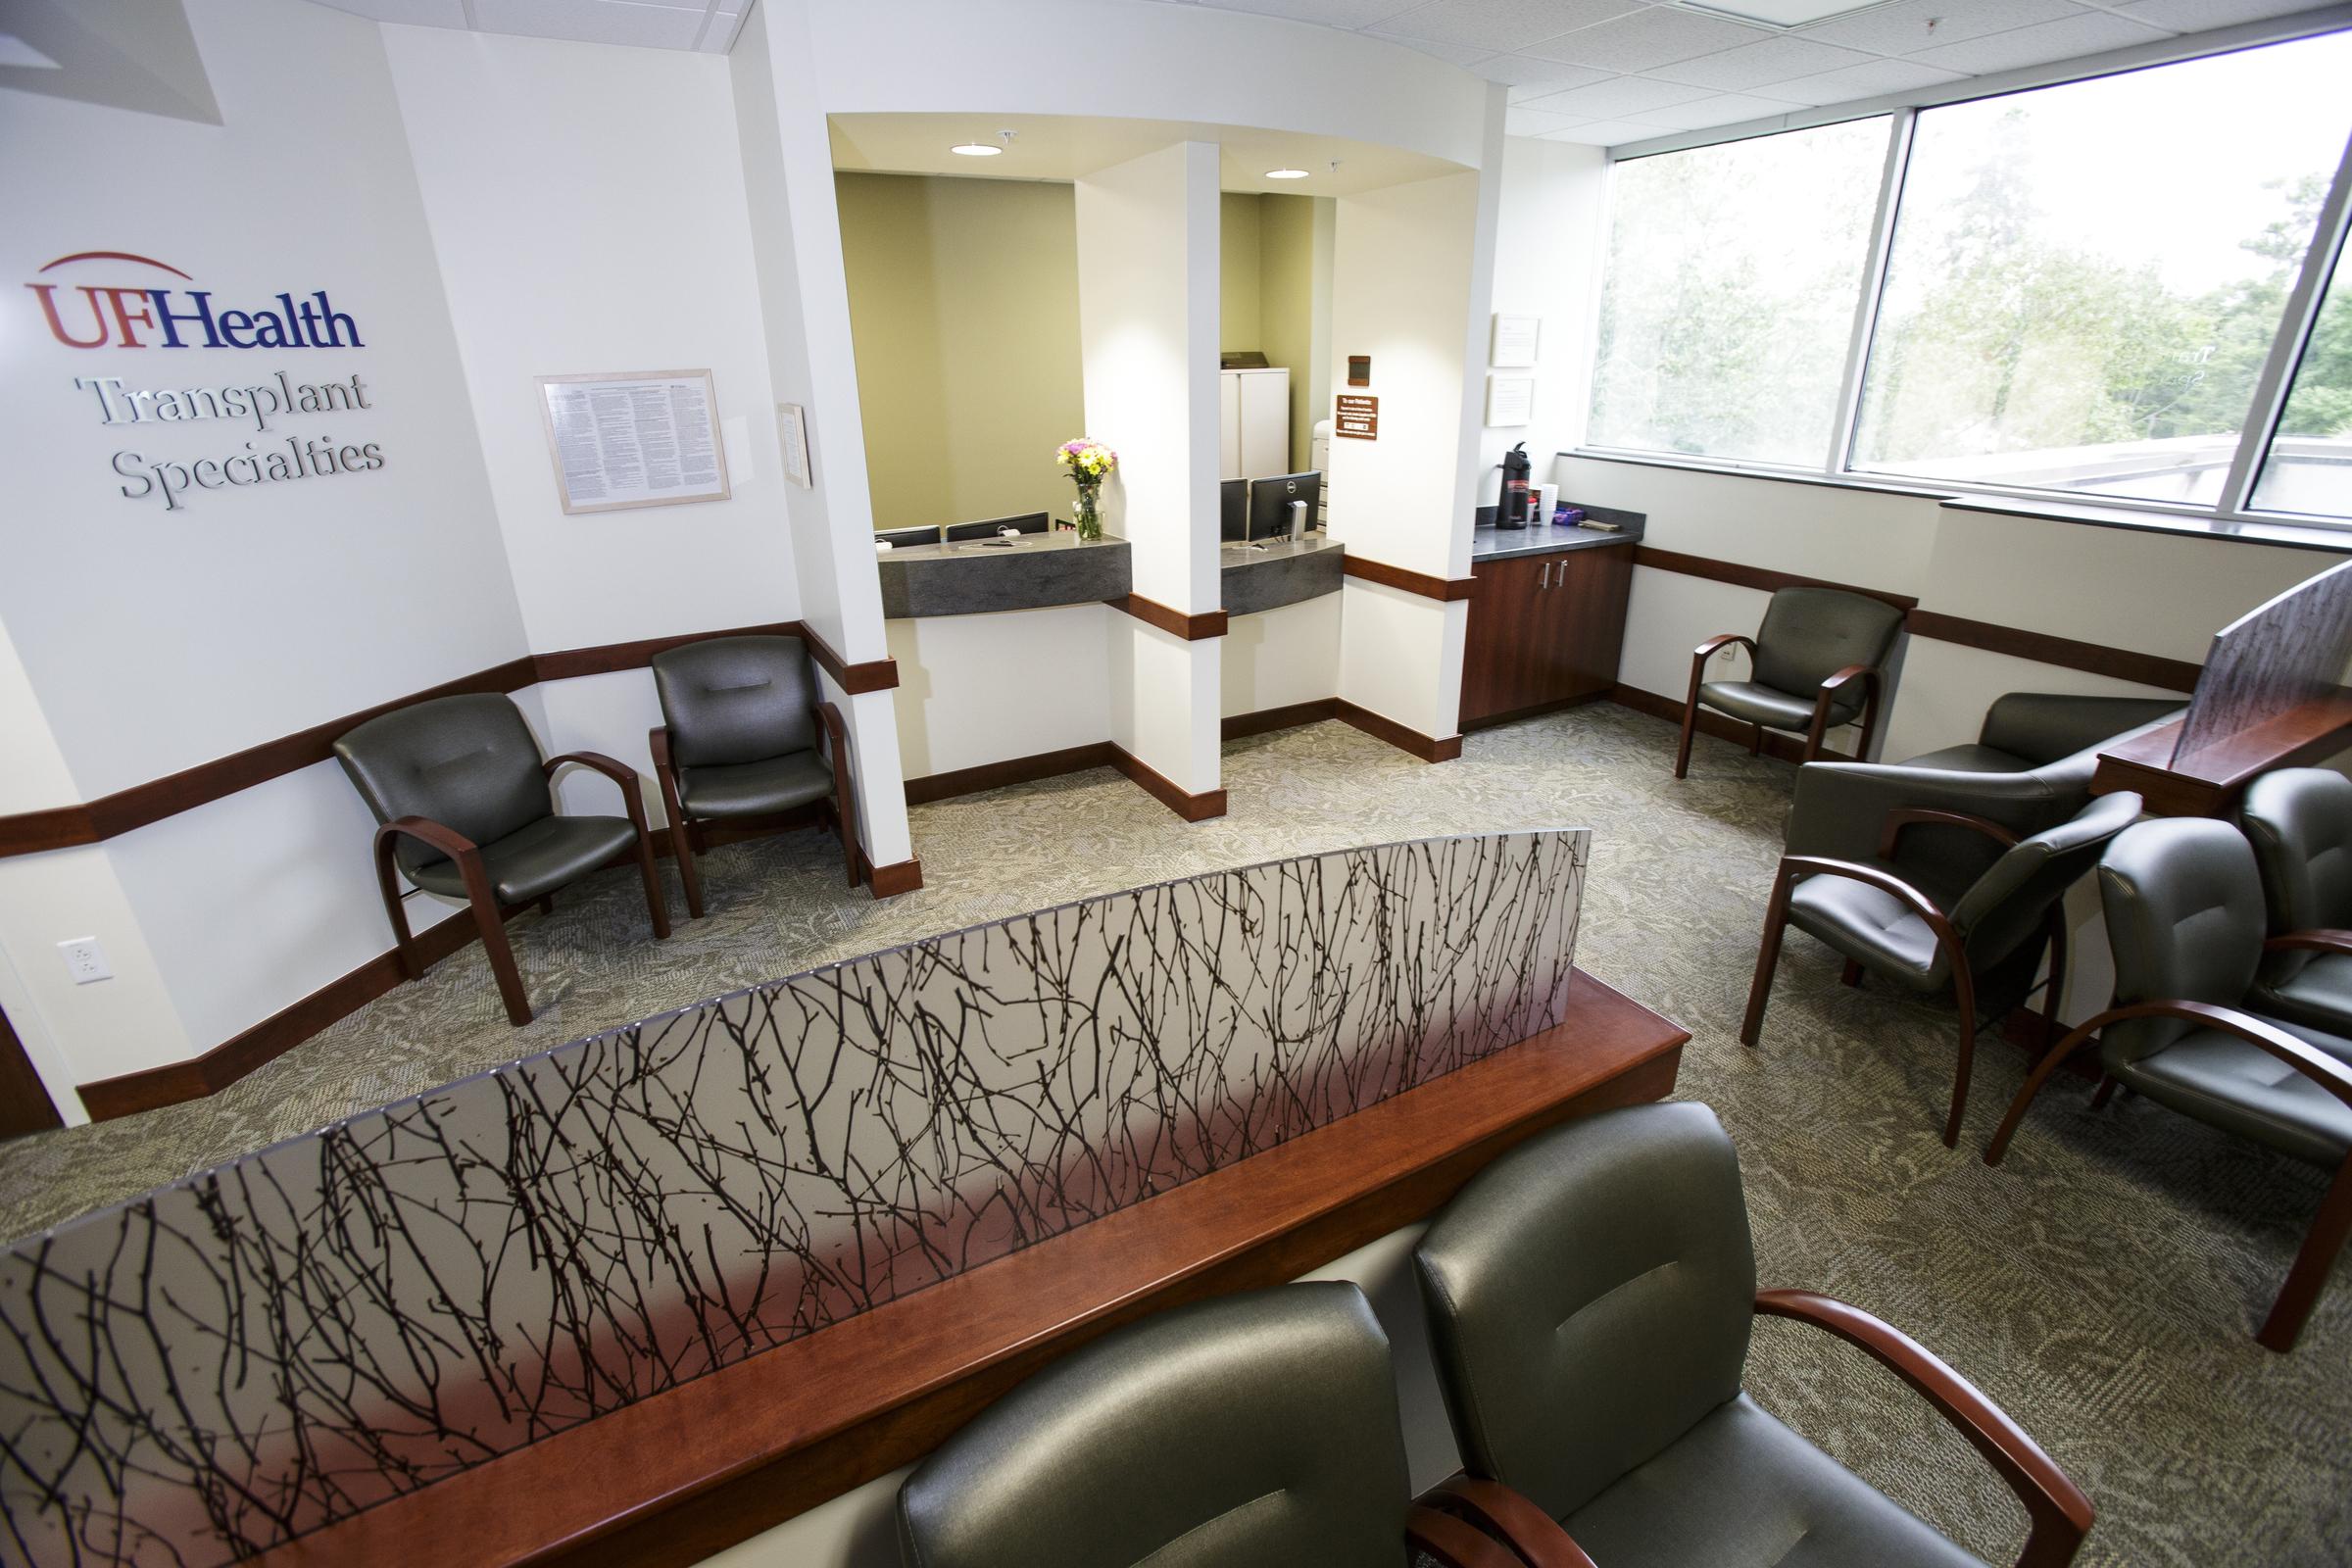 Lobby & Check-in Desk